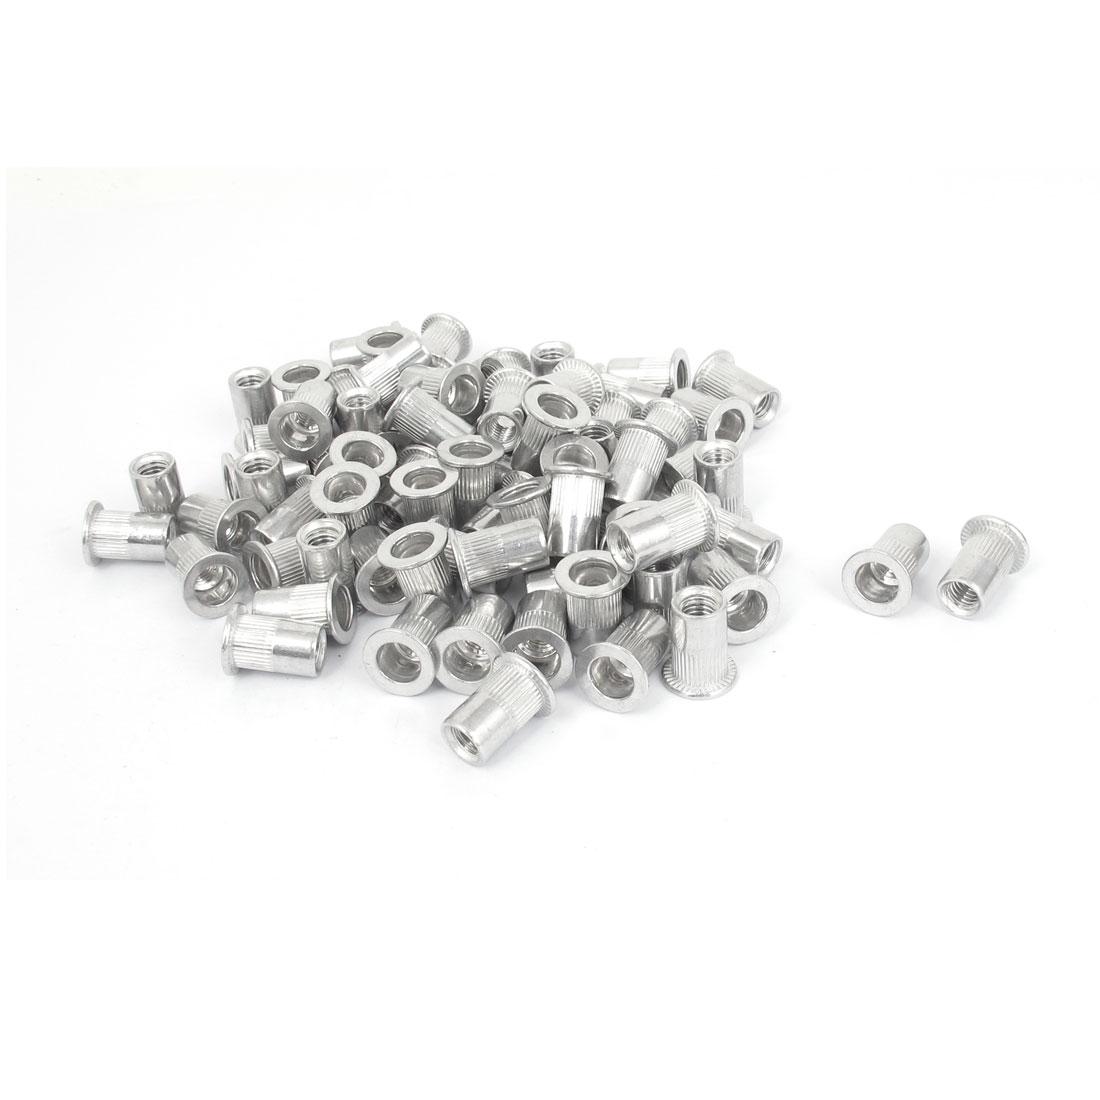 M6x15mm Aluminum Flat Head Ribbed Body Rivet Nuts Insert Nutserts 100pcs